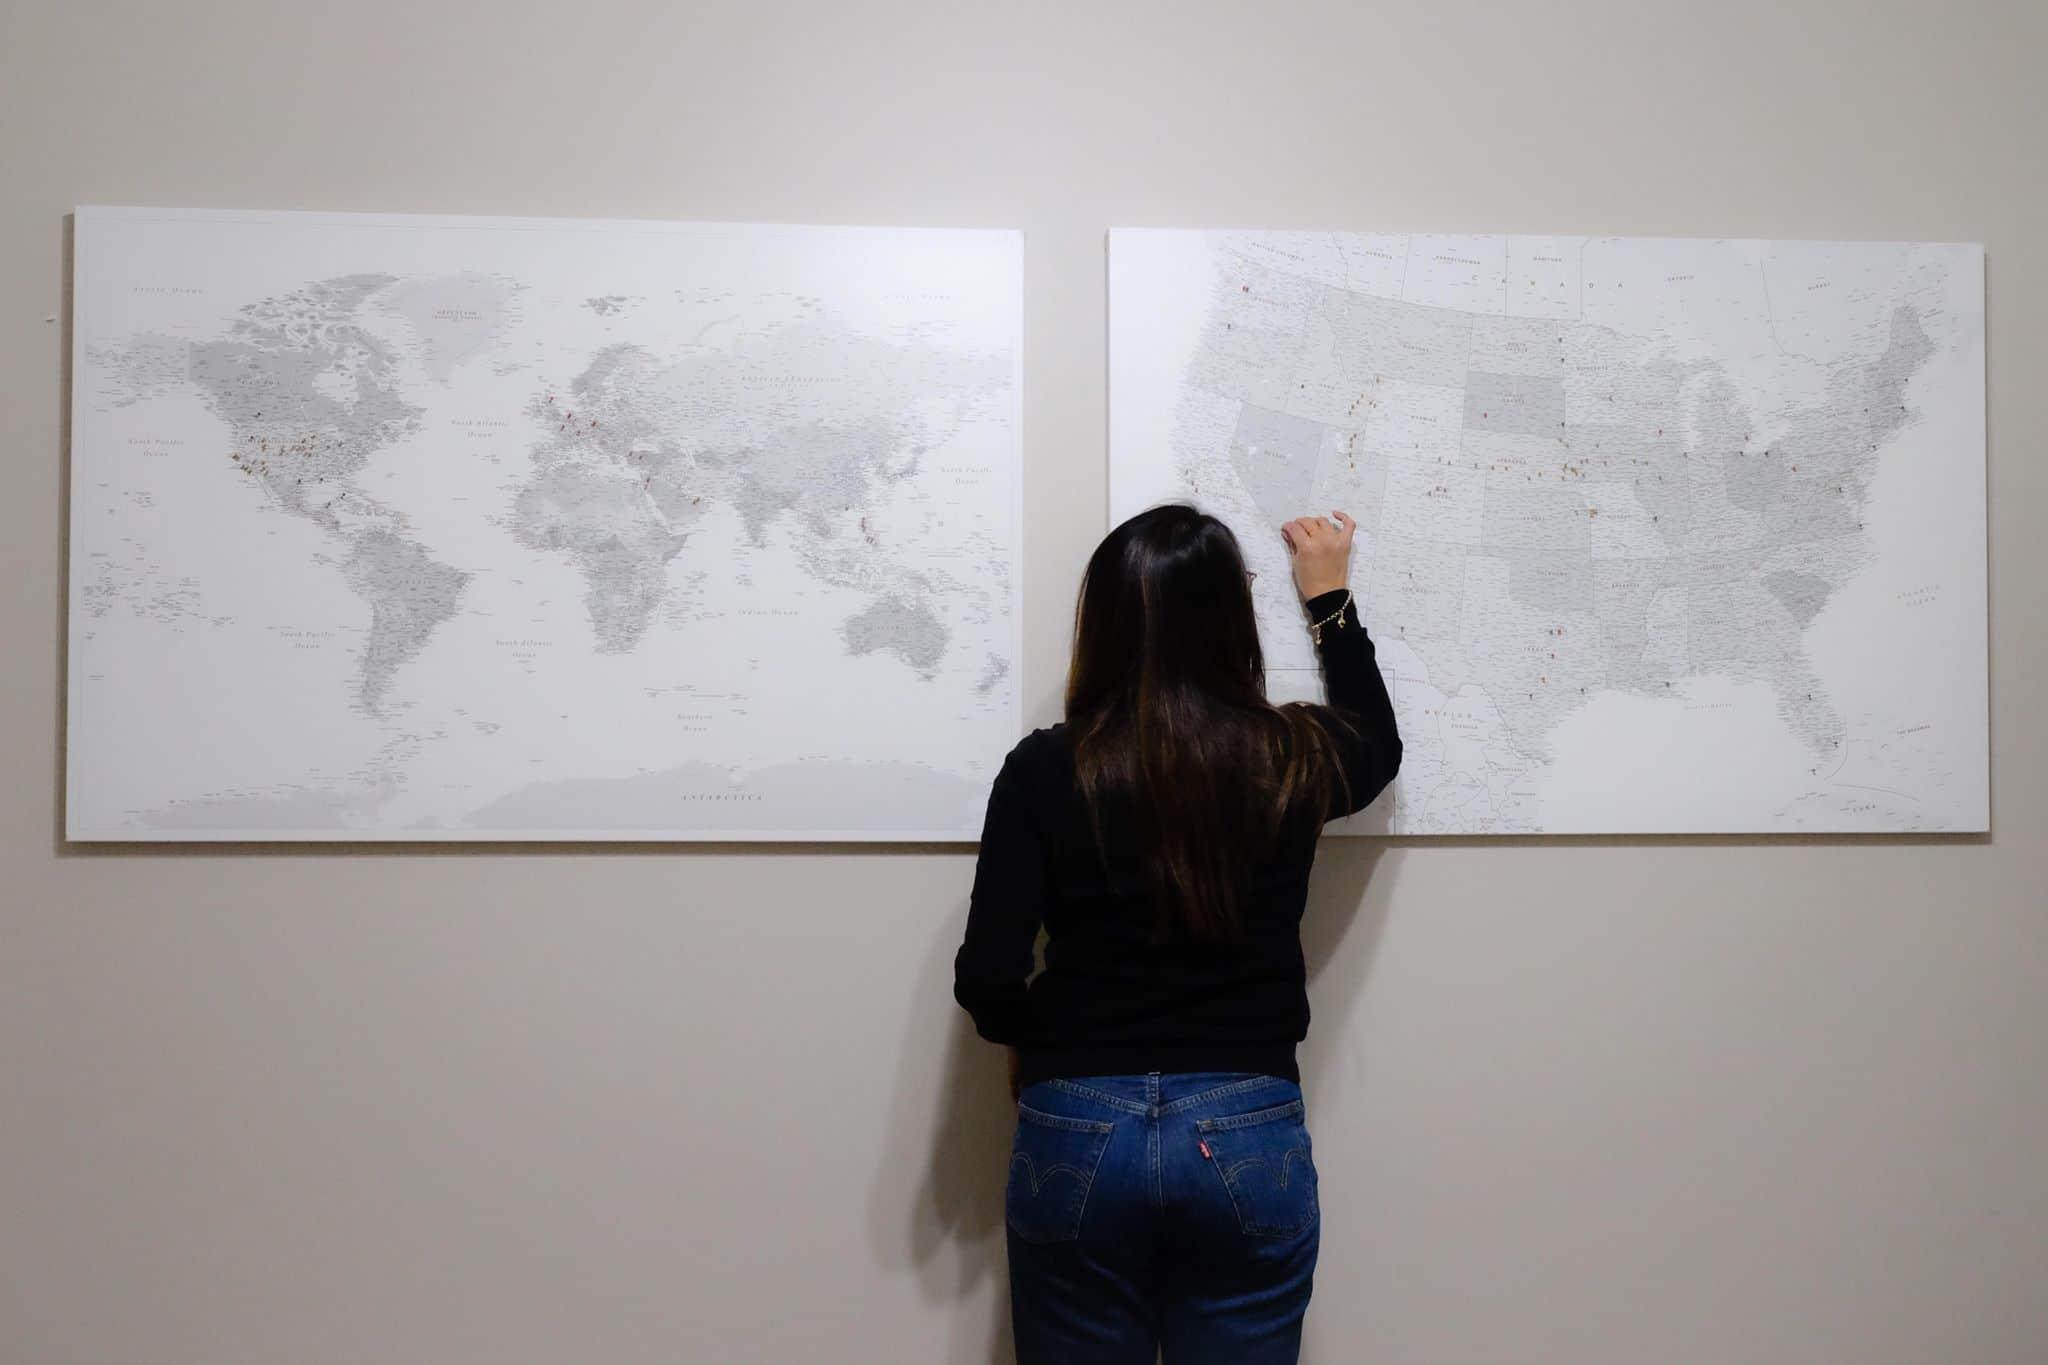 Grau Weiß Detailliert Kartes Mit Pins Welt USA